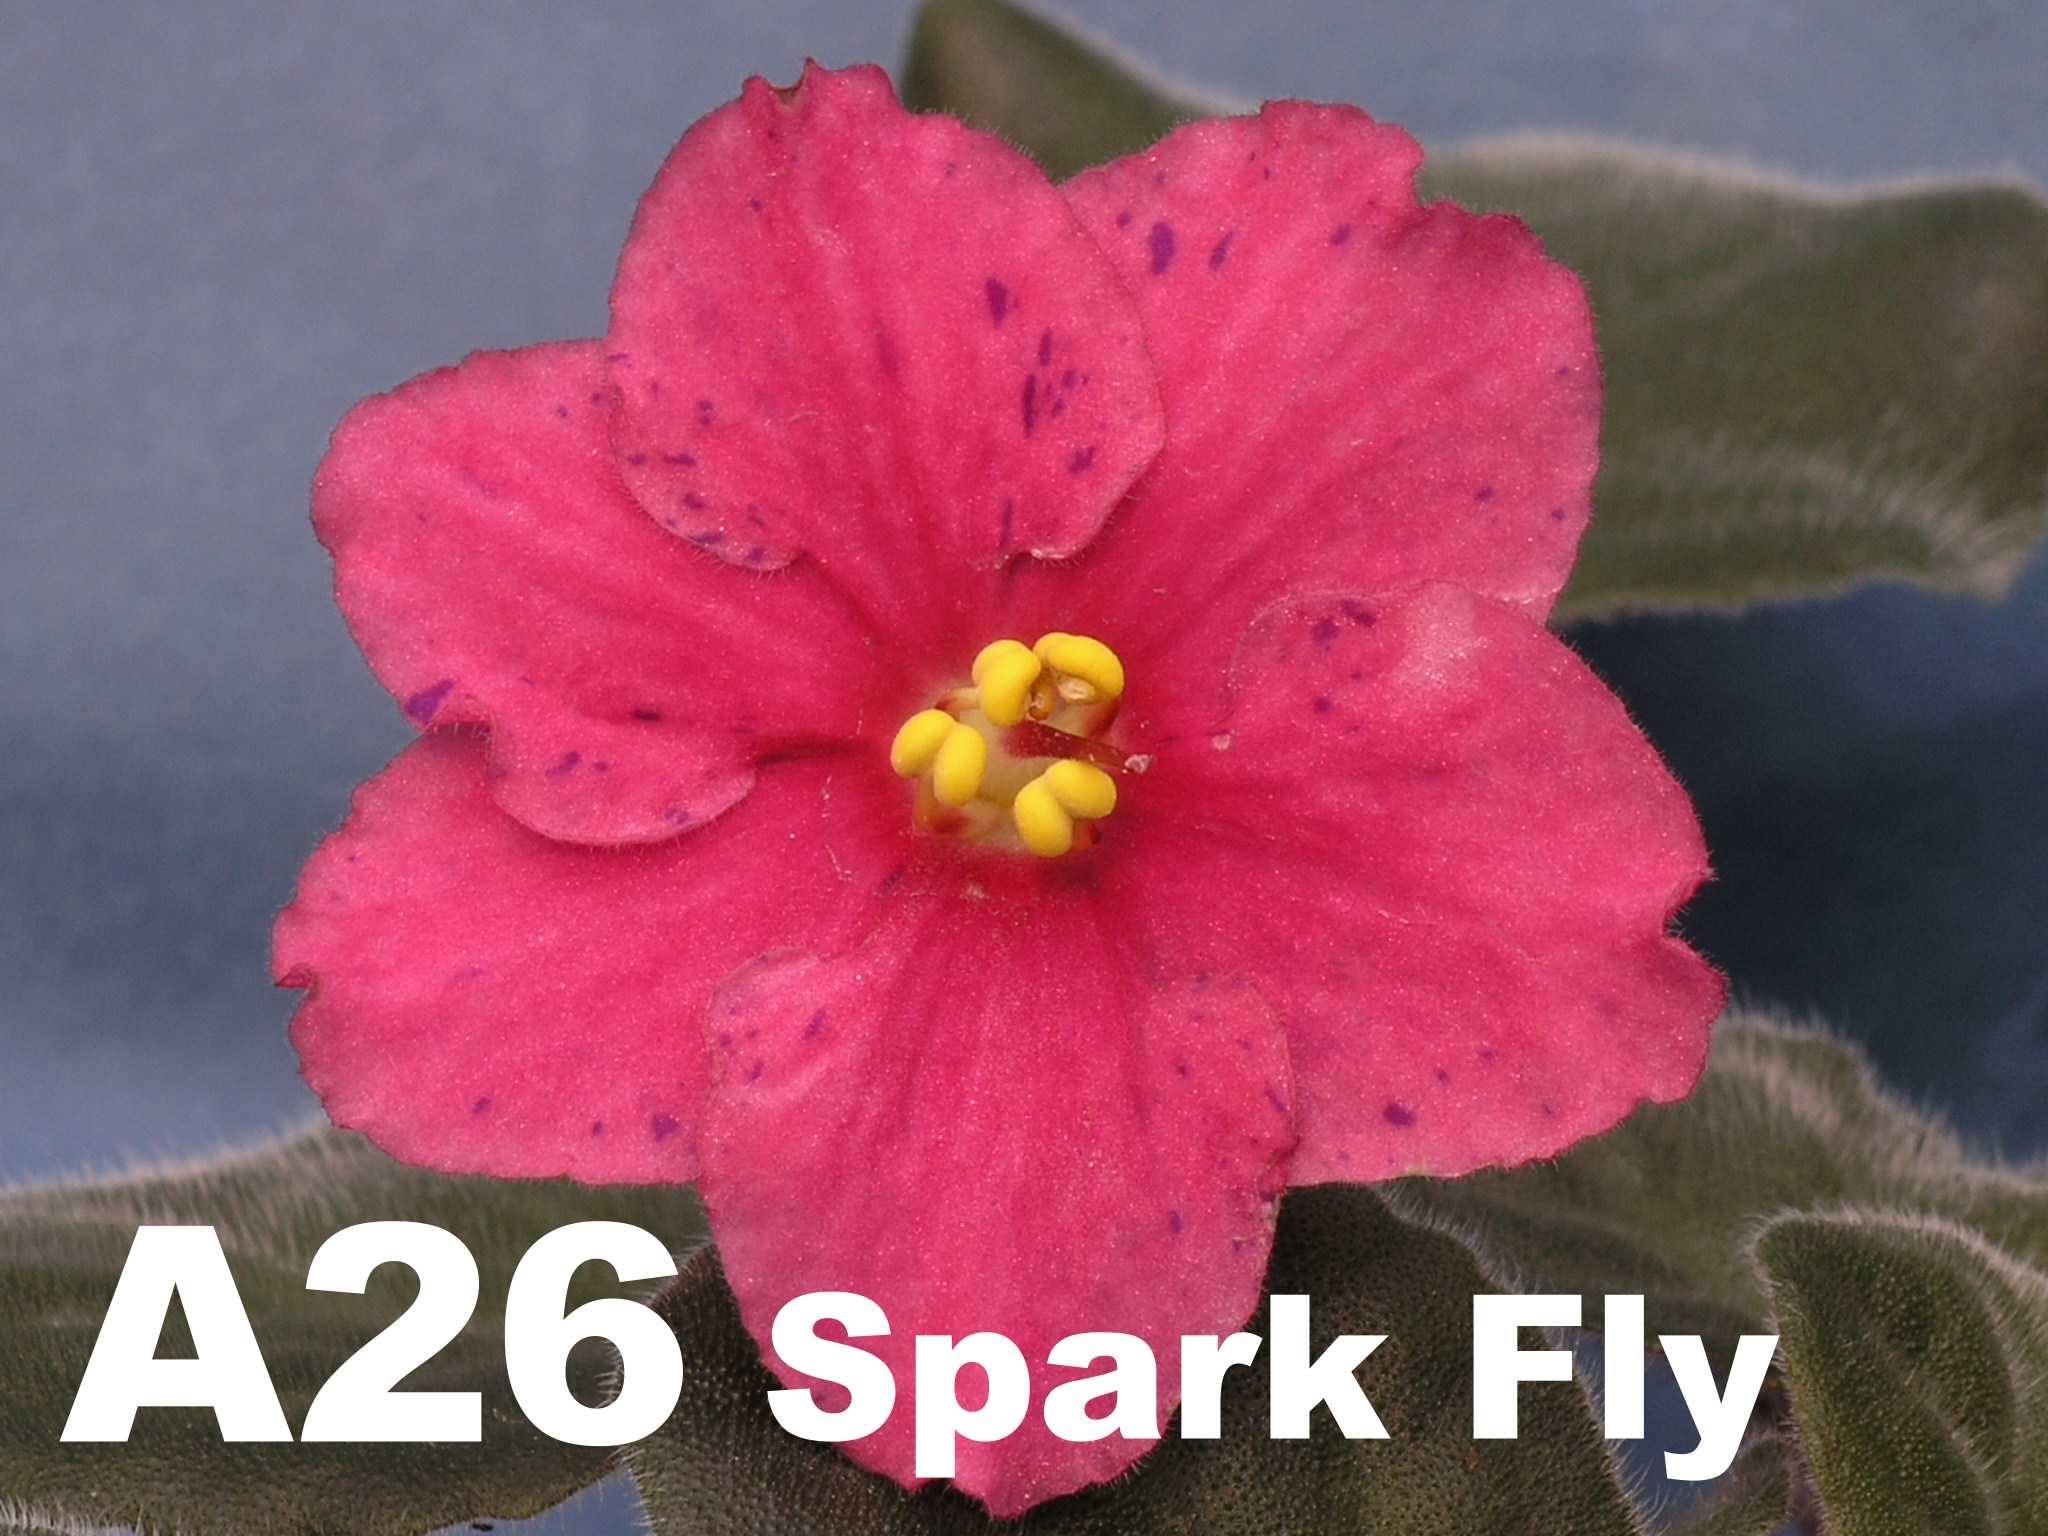 非洲紫羅蘭名錄 | African Violets Catalogue - A系列 A26